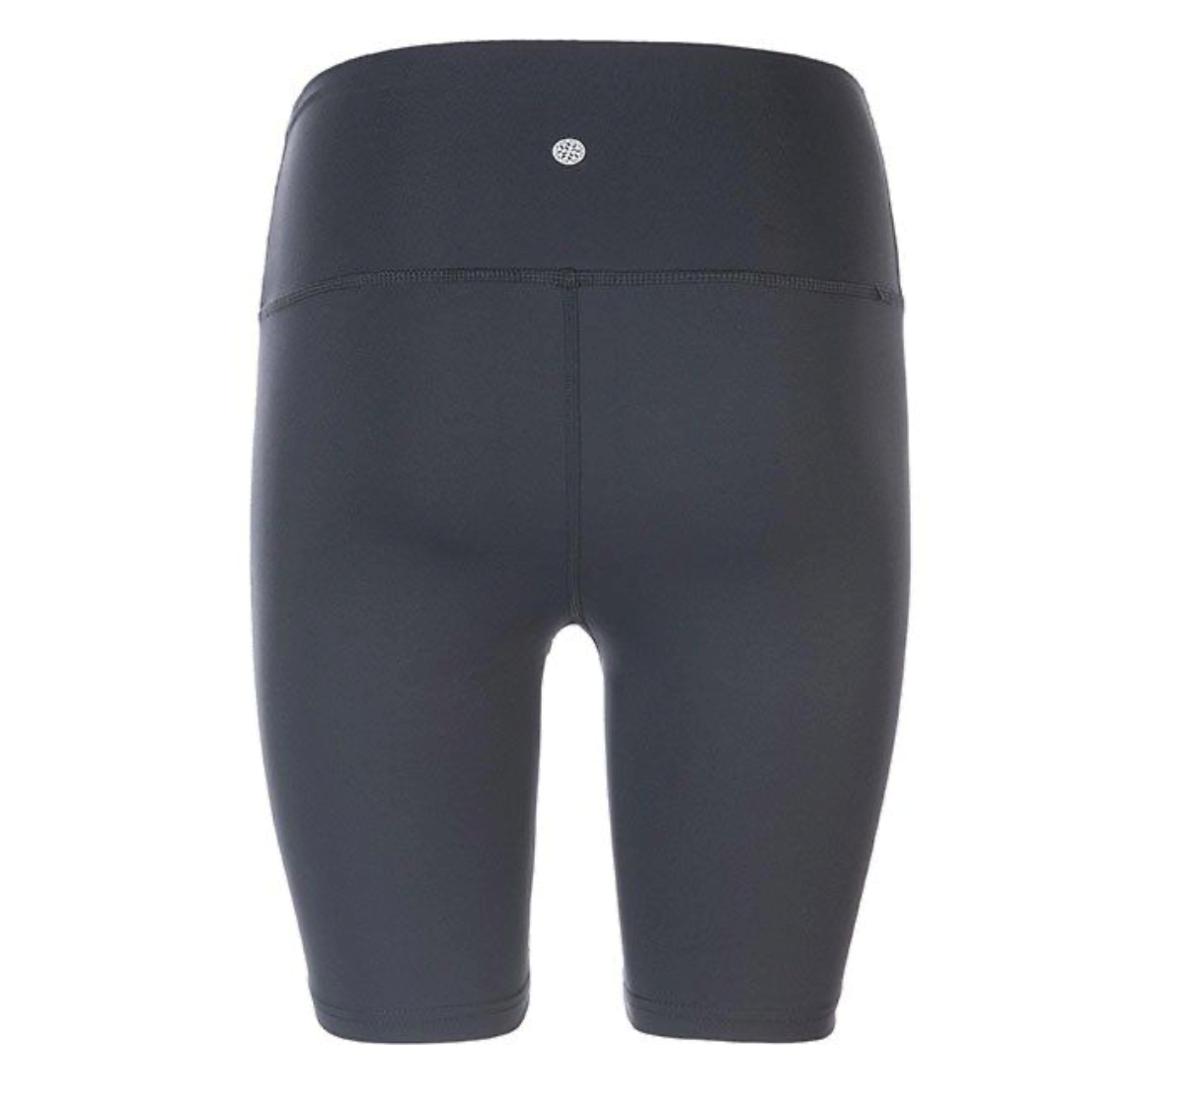 Bilde av Athlecia Franz 3/4 Waist Shorts - Black